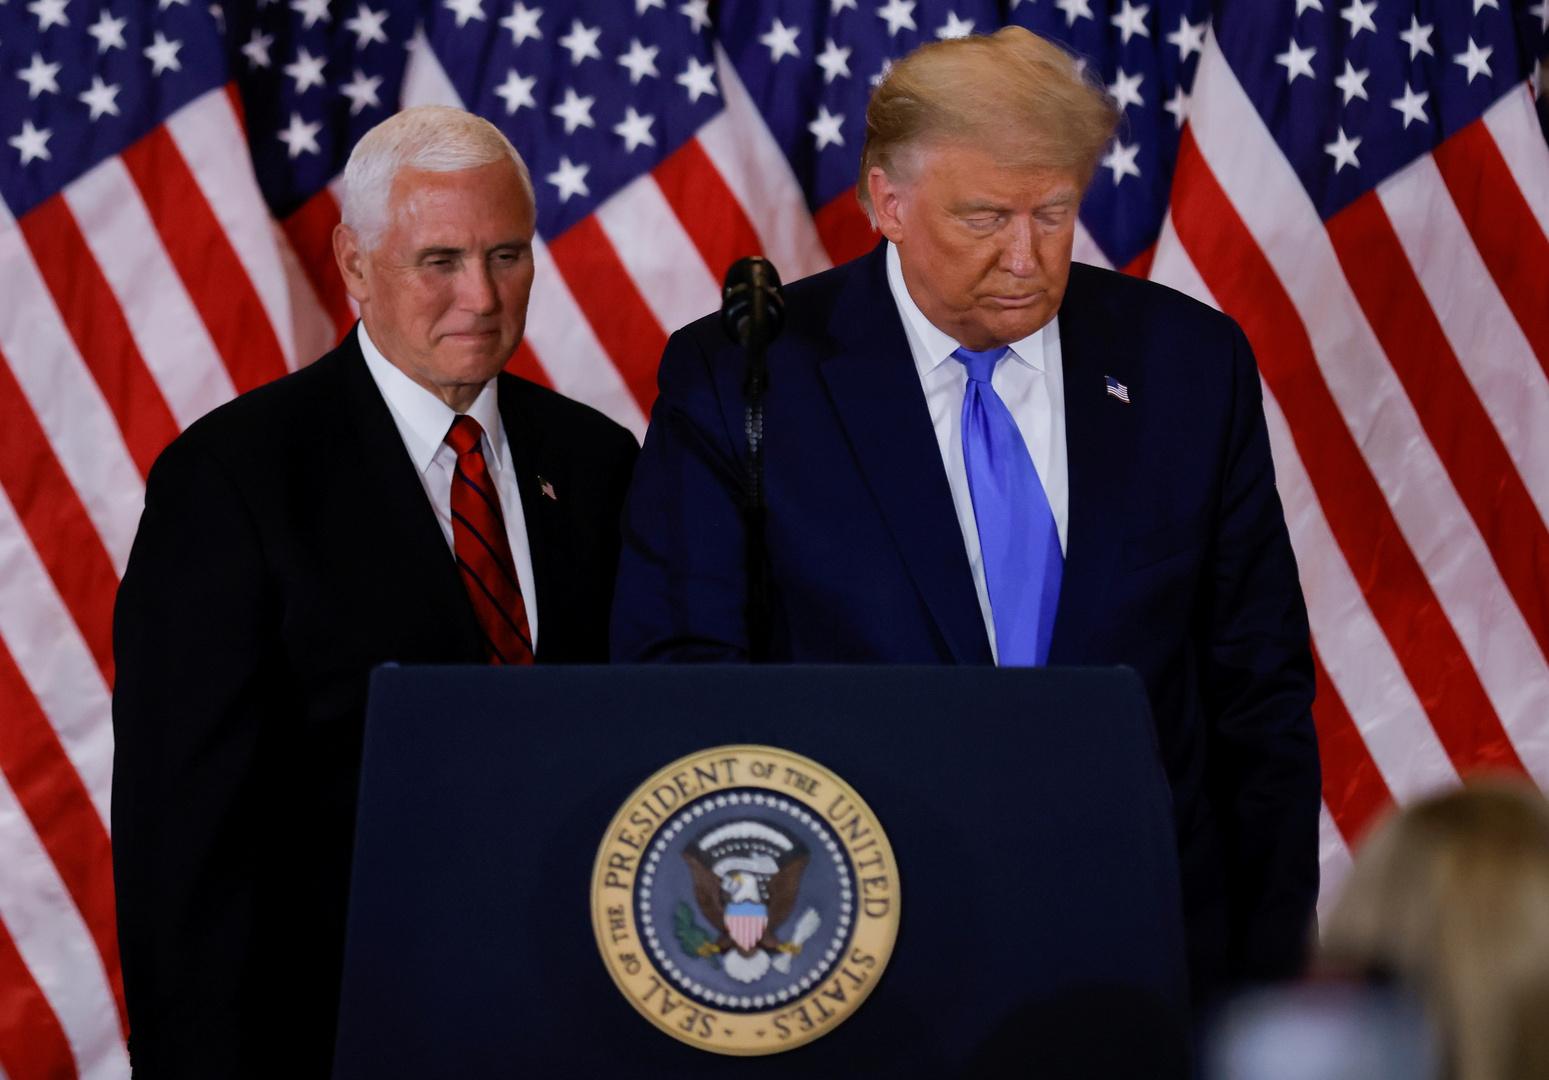 مصادر: الخارجية الأمريكية تحقق في تغيير موعد انتهاء مهام ترامب على موقعها